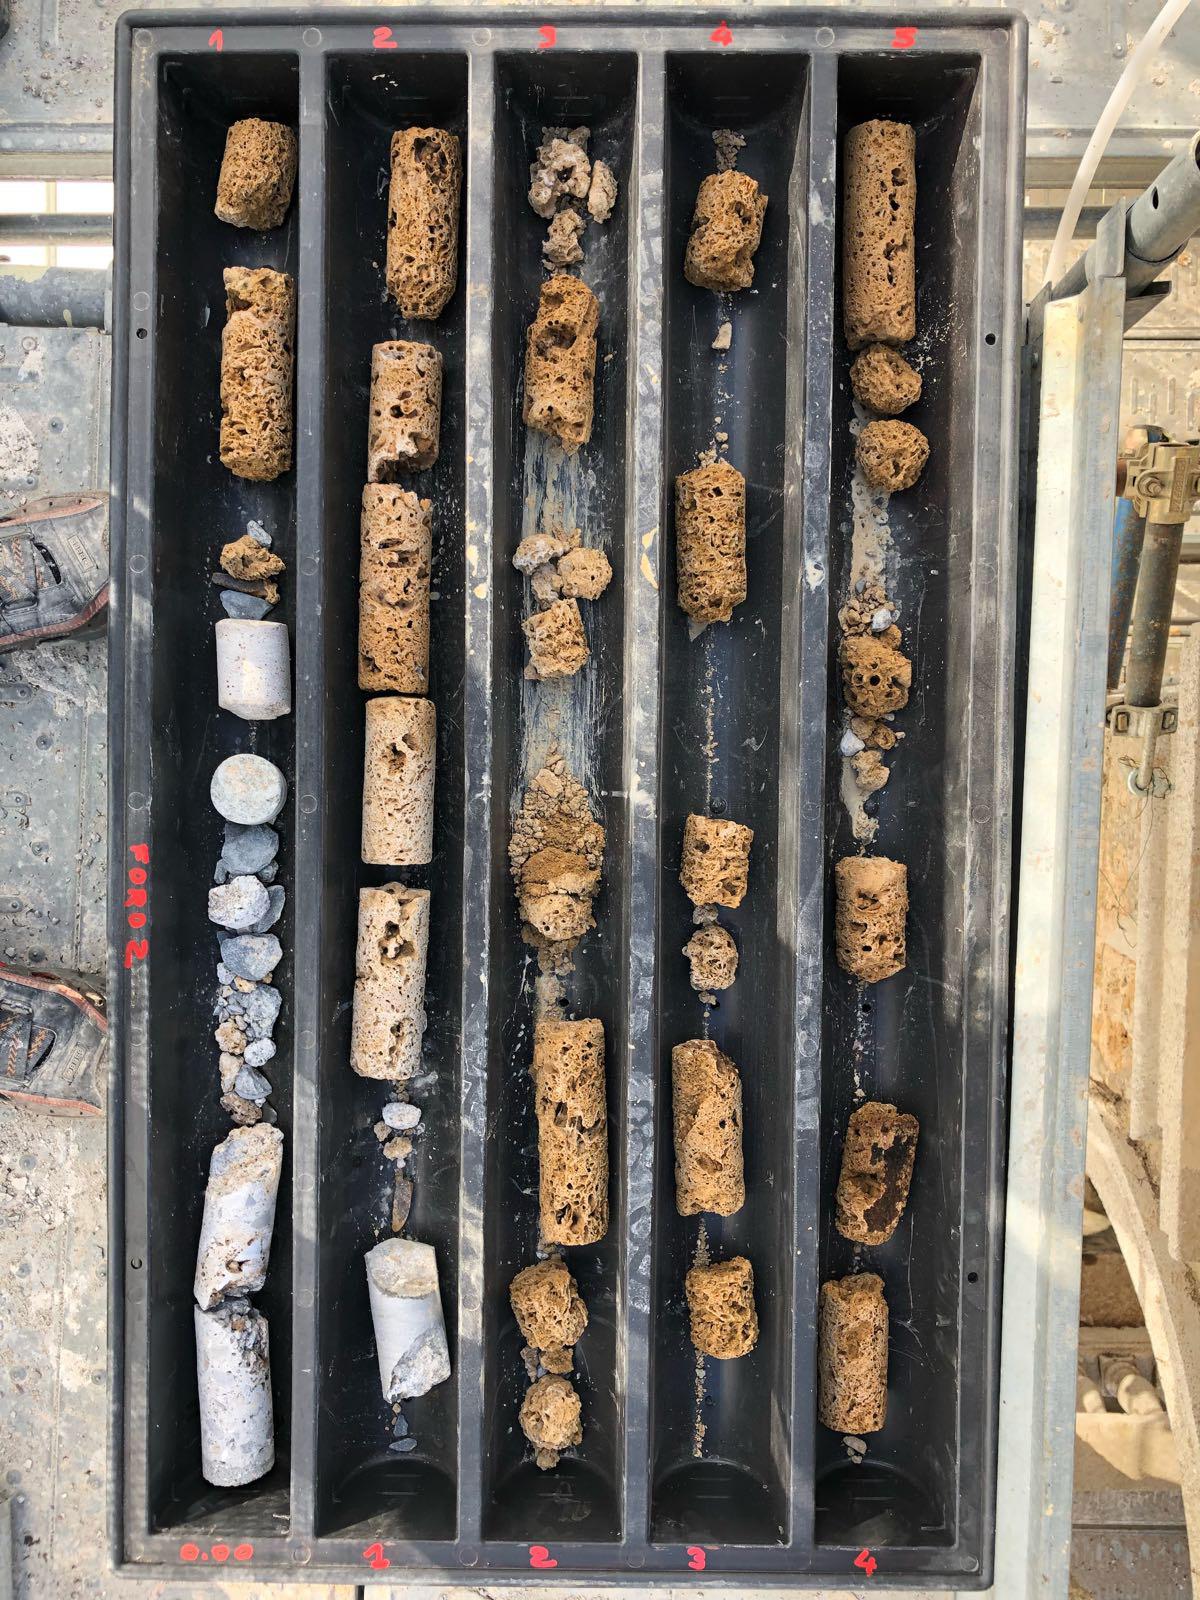 Perico-Renato-Valnegra (BG) - Campanile - Consolidamento e restauro 11